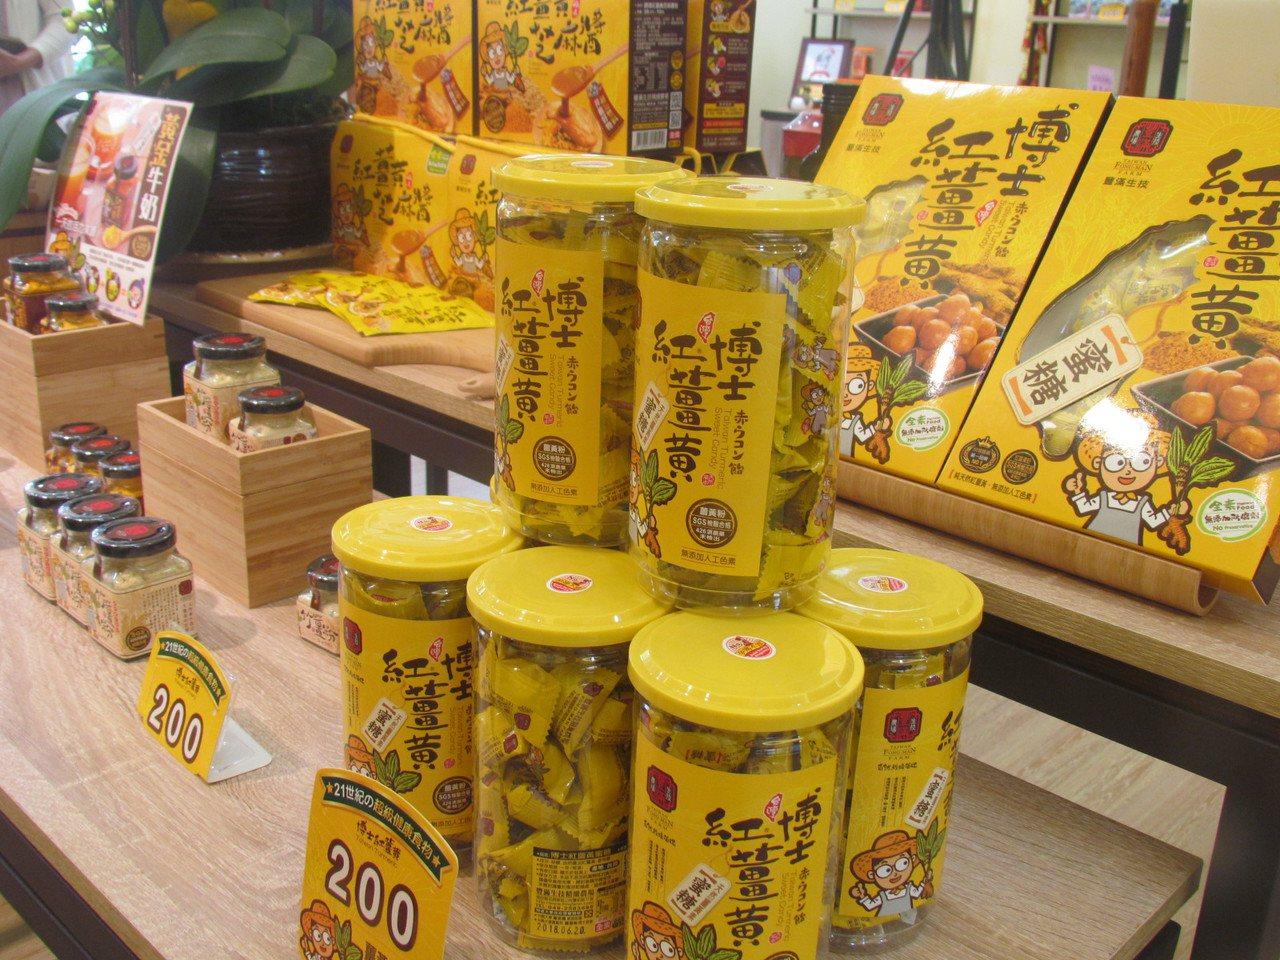 謝瑞裕博士全力開發薑黃產品,結合複方提升薑黃的養生功能。記者張家樂/攝影